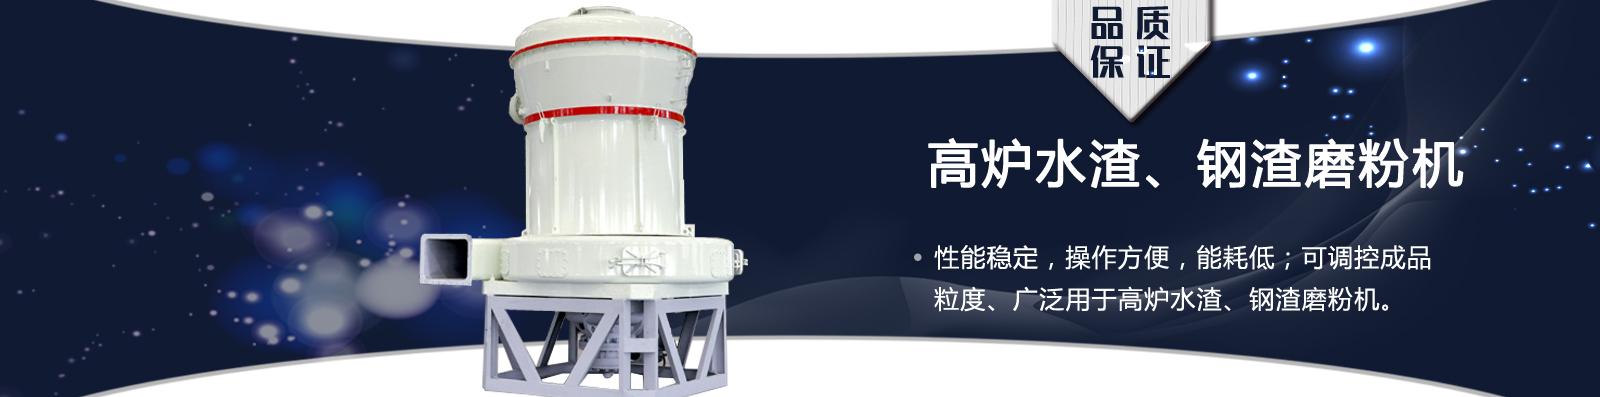 水渣磨粉机图片展示图